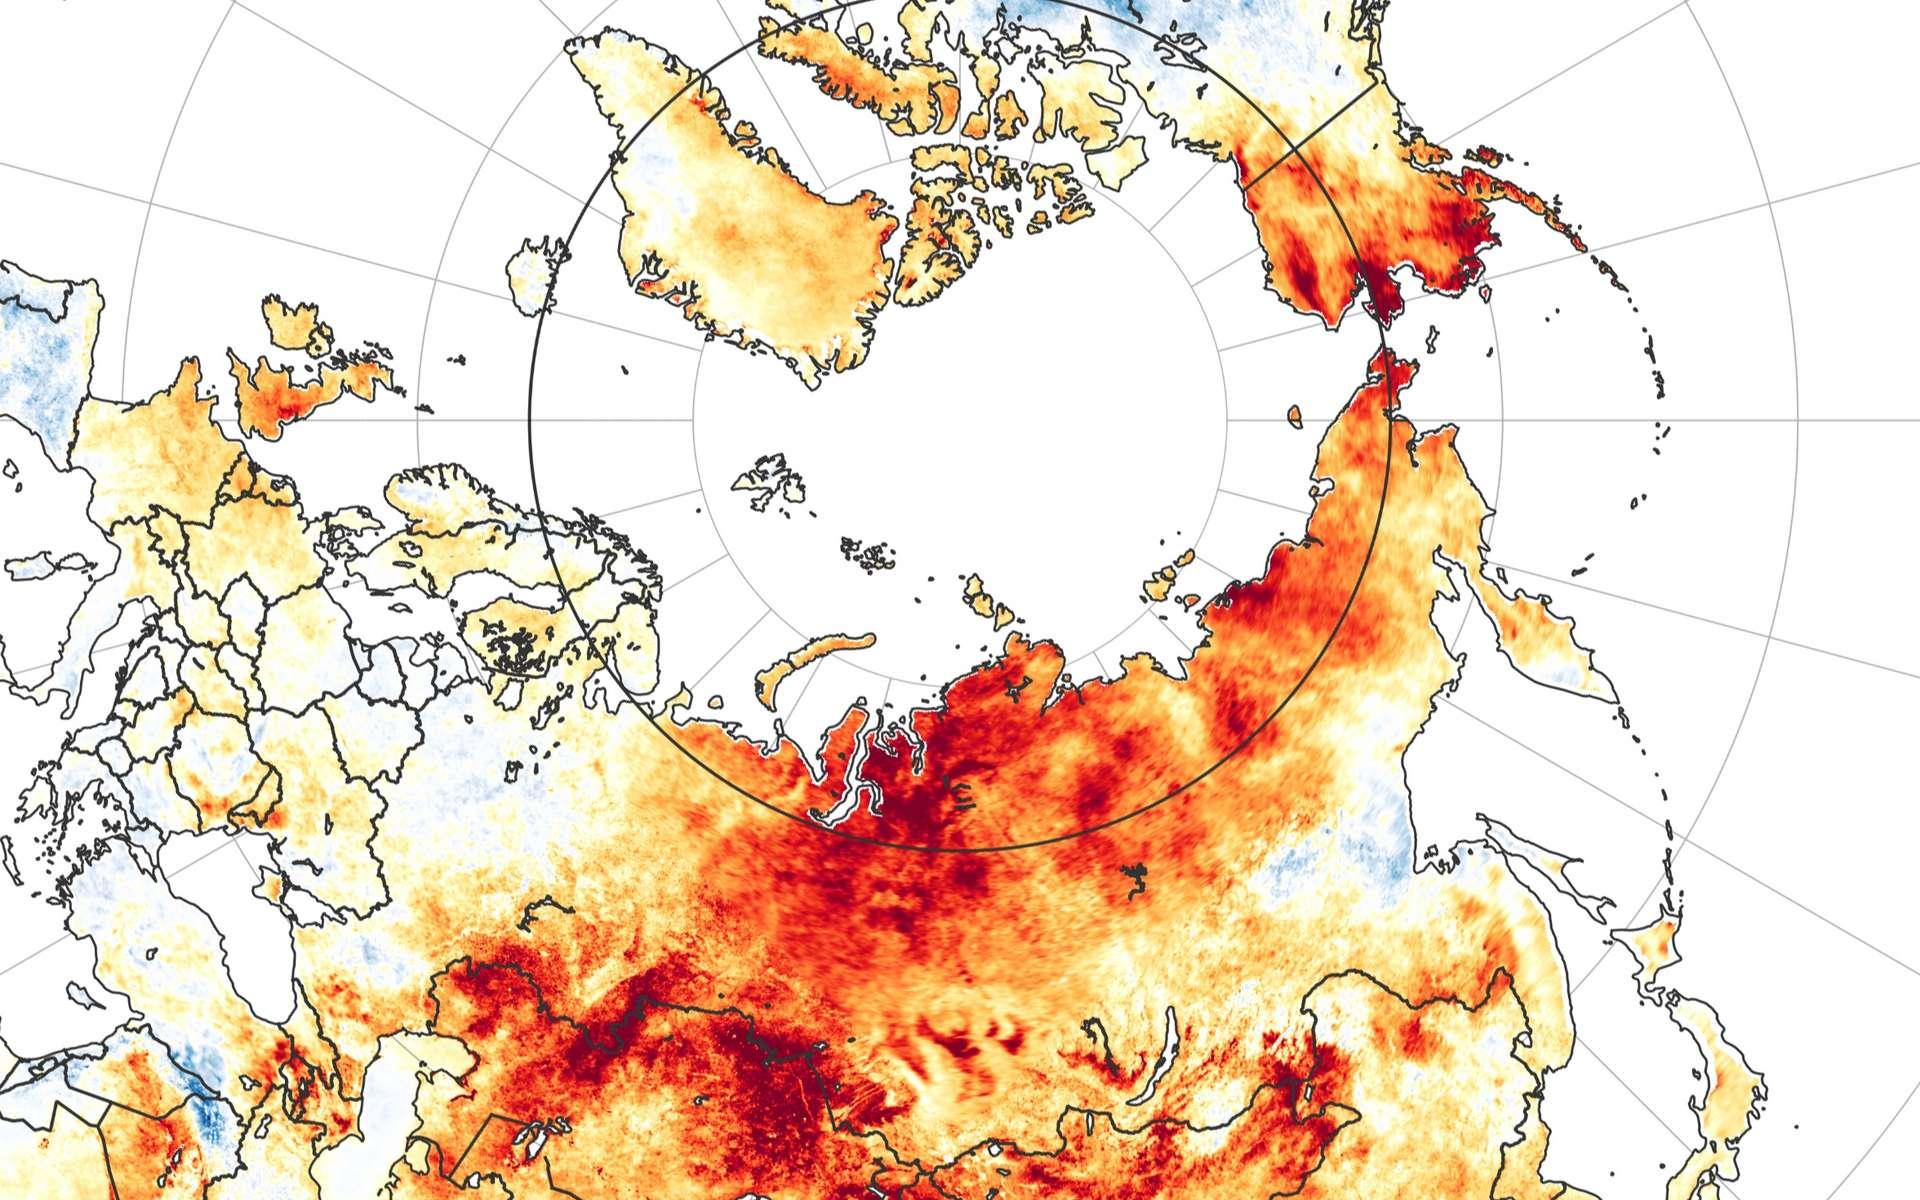 Canicules et incendies en Arctique au cours de l'été 2020. © Nasa, EarthObservatory